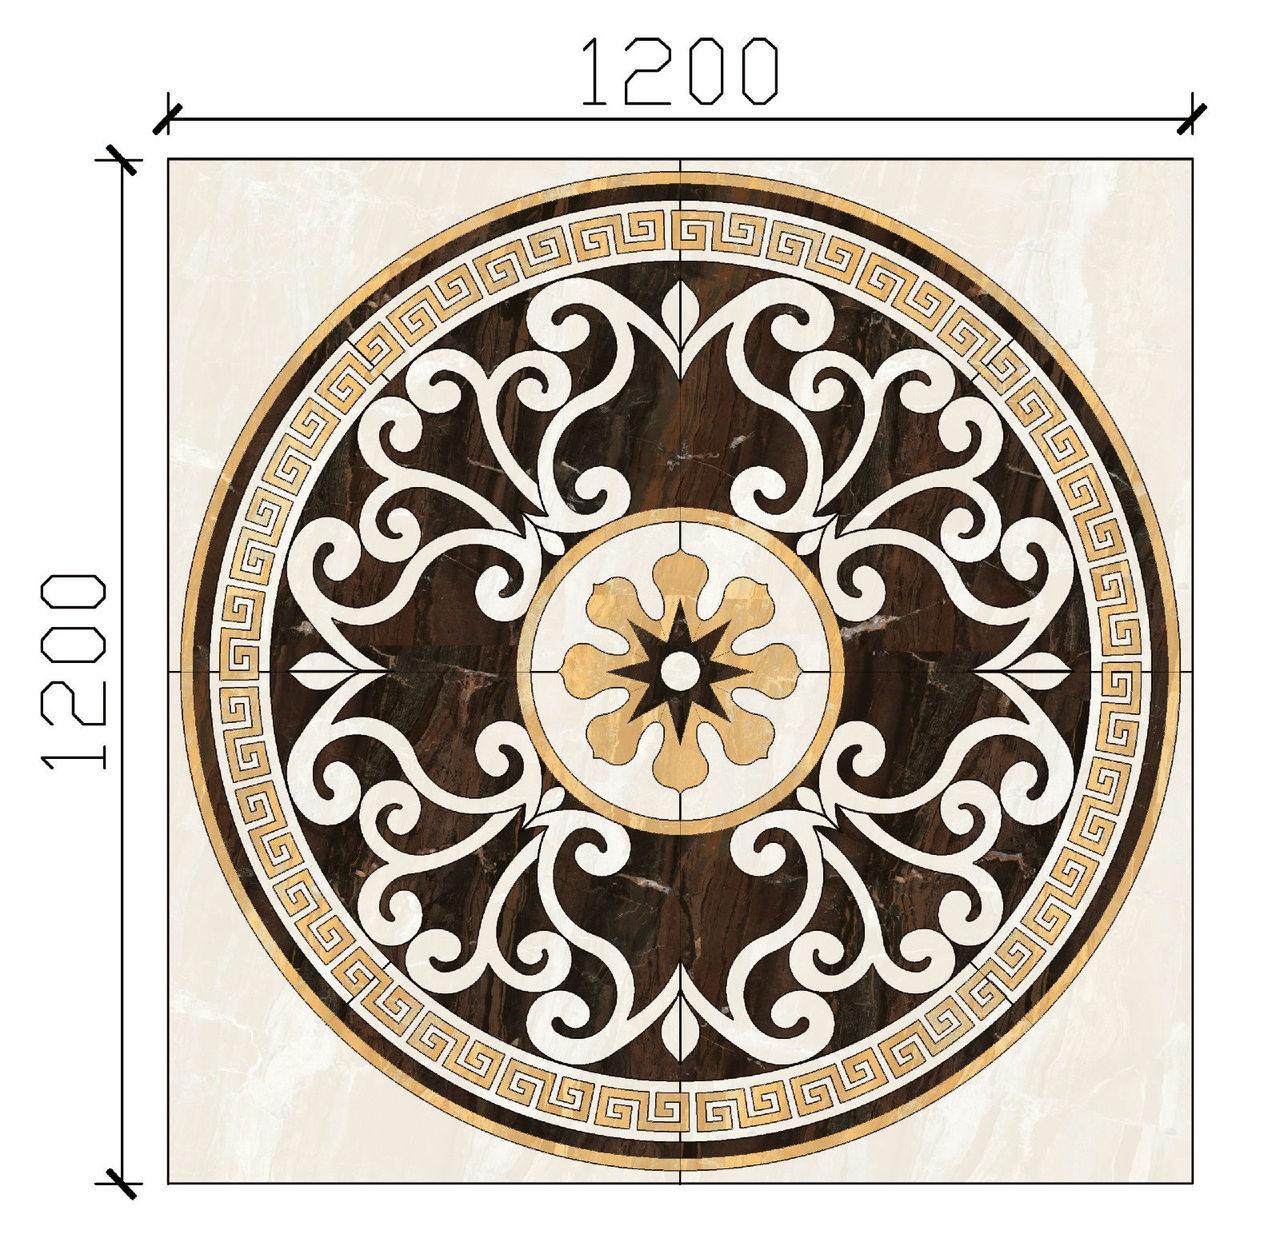 欧式大理石地面拼花》》简约大理石拼花贴图》》欧式图片